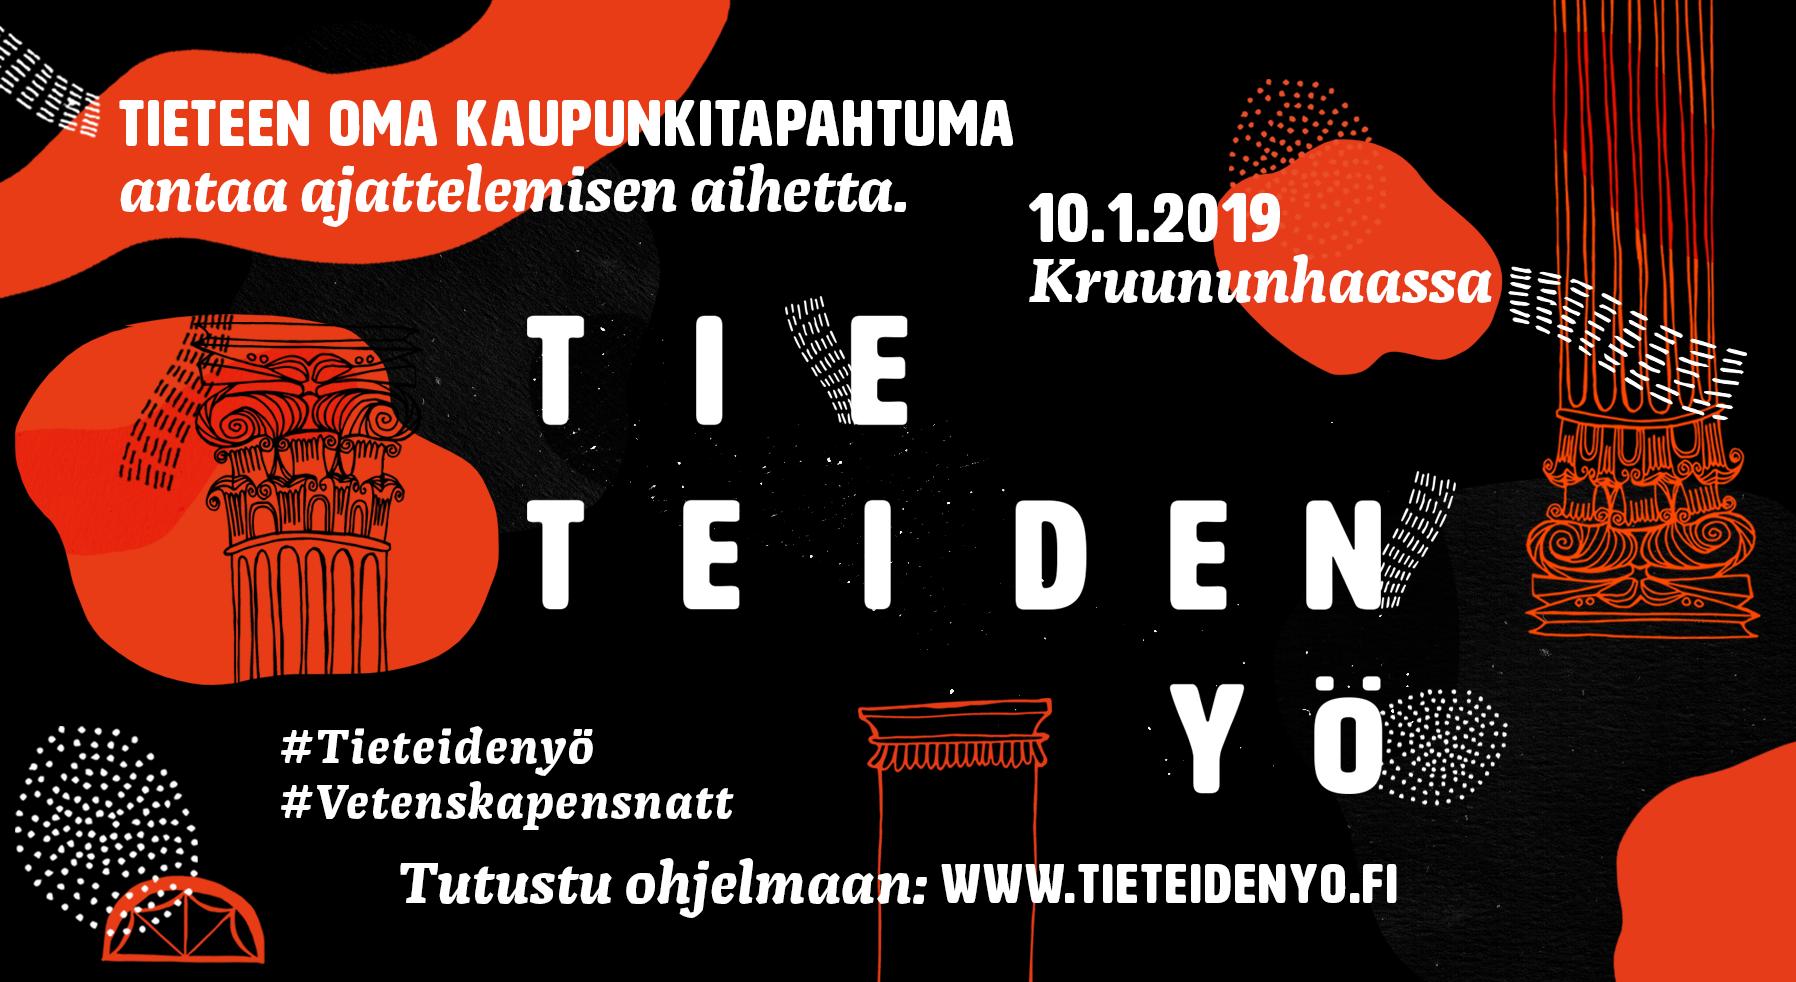 Tapahtuman tunnuskuva, jossa teksti: Tieteiden yö - Tieteen oma kaupunkitapahtuma antaa ajattelemisen aihetta 10.1.2019  Kruununhaassa. #tieteidenyö Tutustu ohjelmaan: www.tieteidenyo.fi